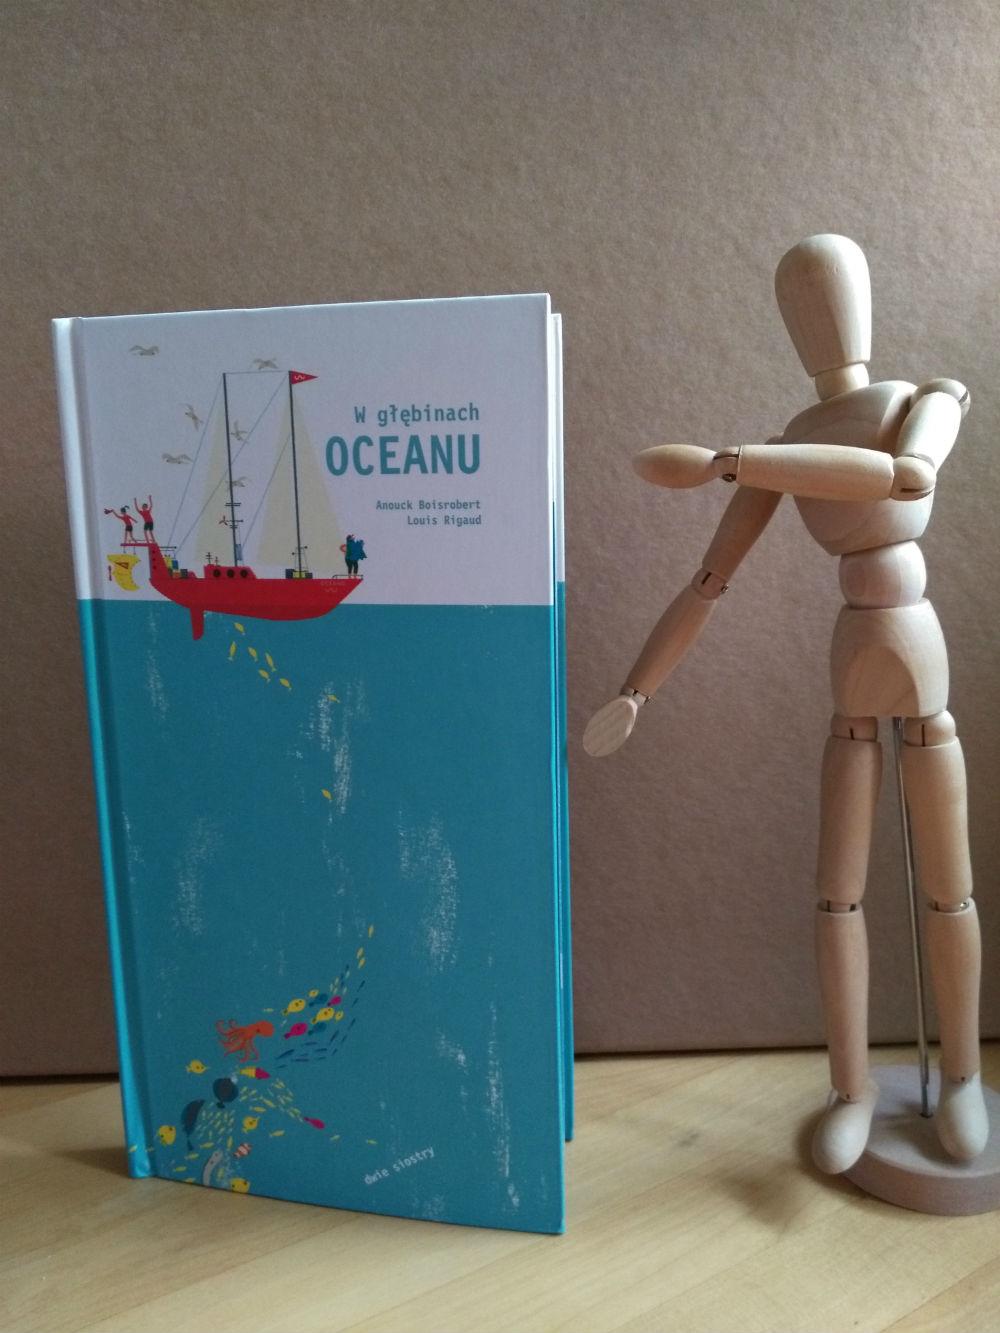 W głębinach oceanu książka pop-up dla przedszkolaka